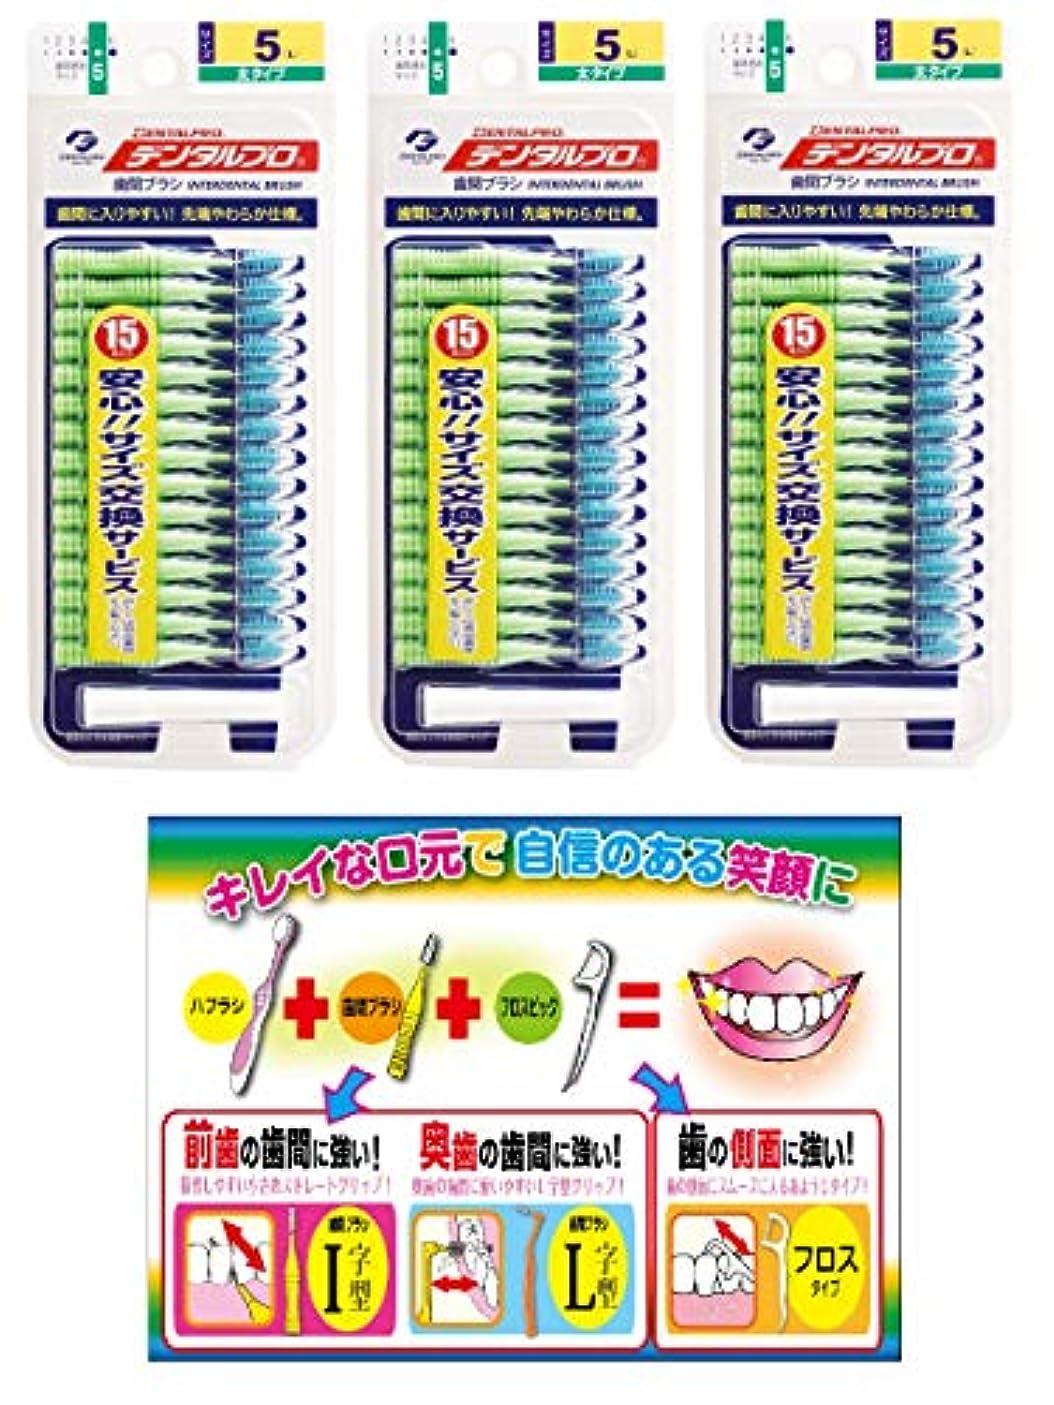 大胆不敵振り向くおとうさん【Amazon.co.jp限定】DP歯間ブラシ15P サイズ5 3P+リーフレット